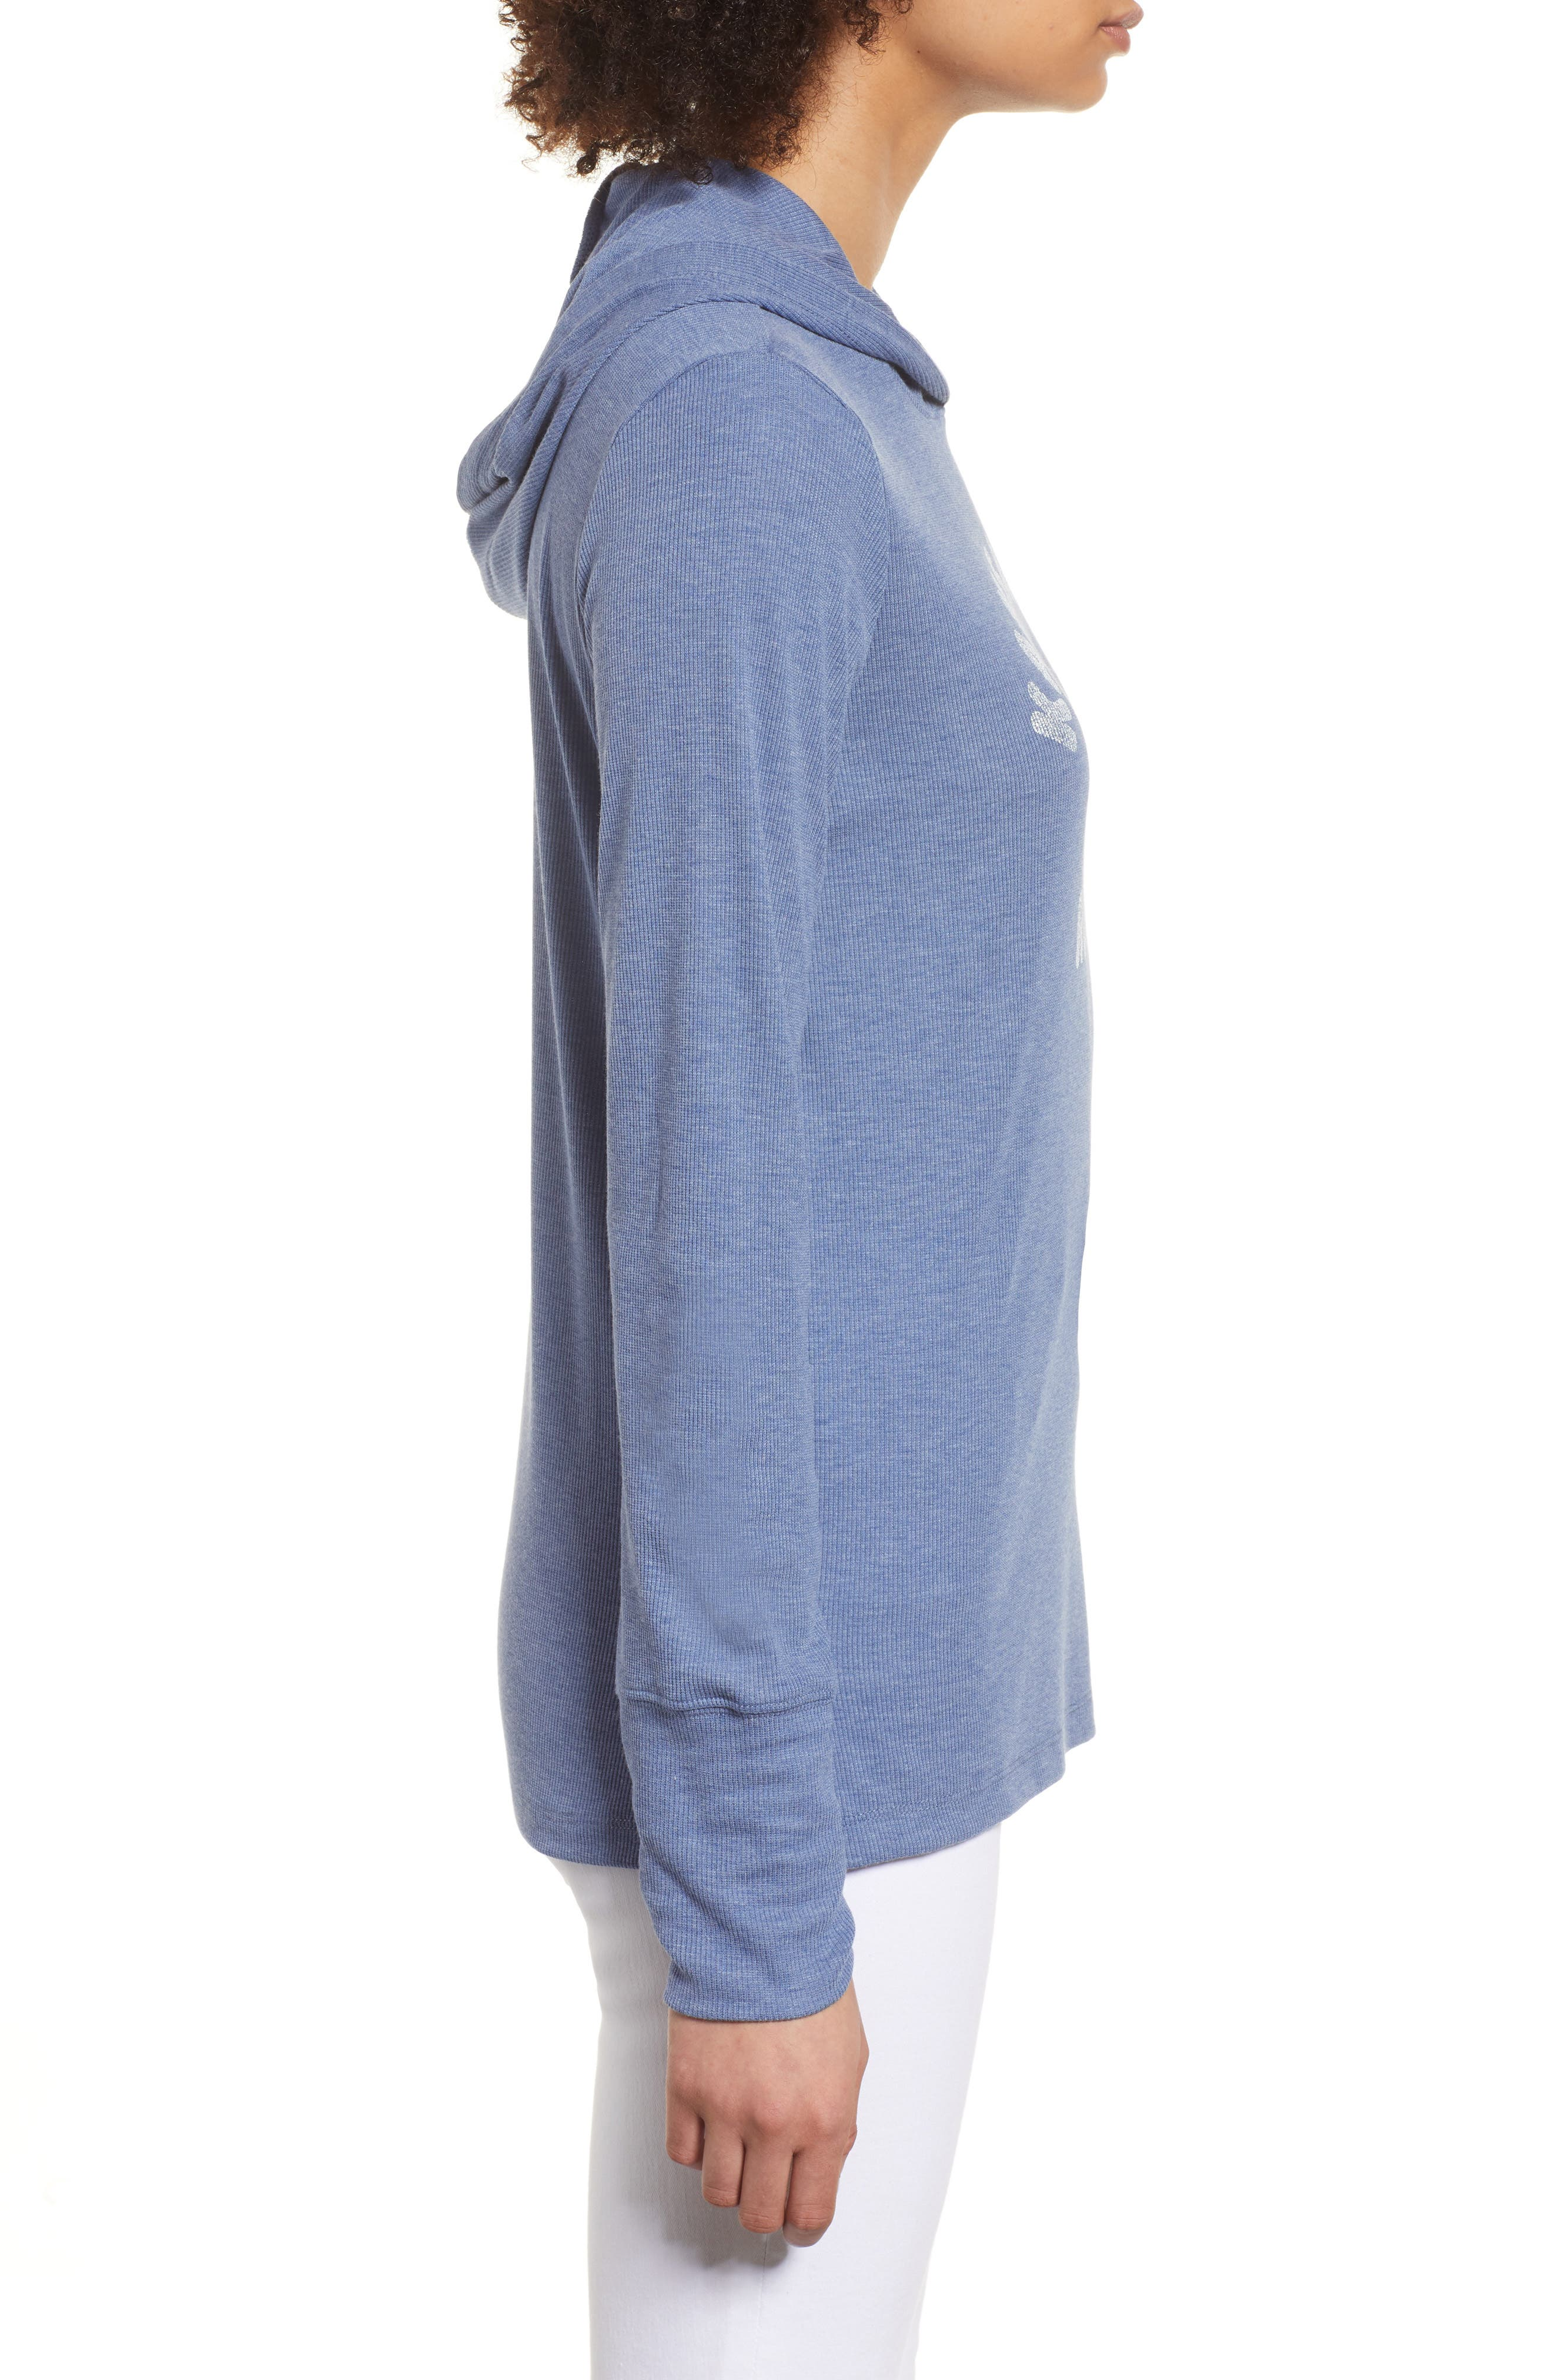 Campbell Kansas City Royals Rib Knit Hooded Top,                             Alternate thumbnail 3, color,